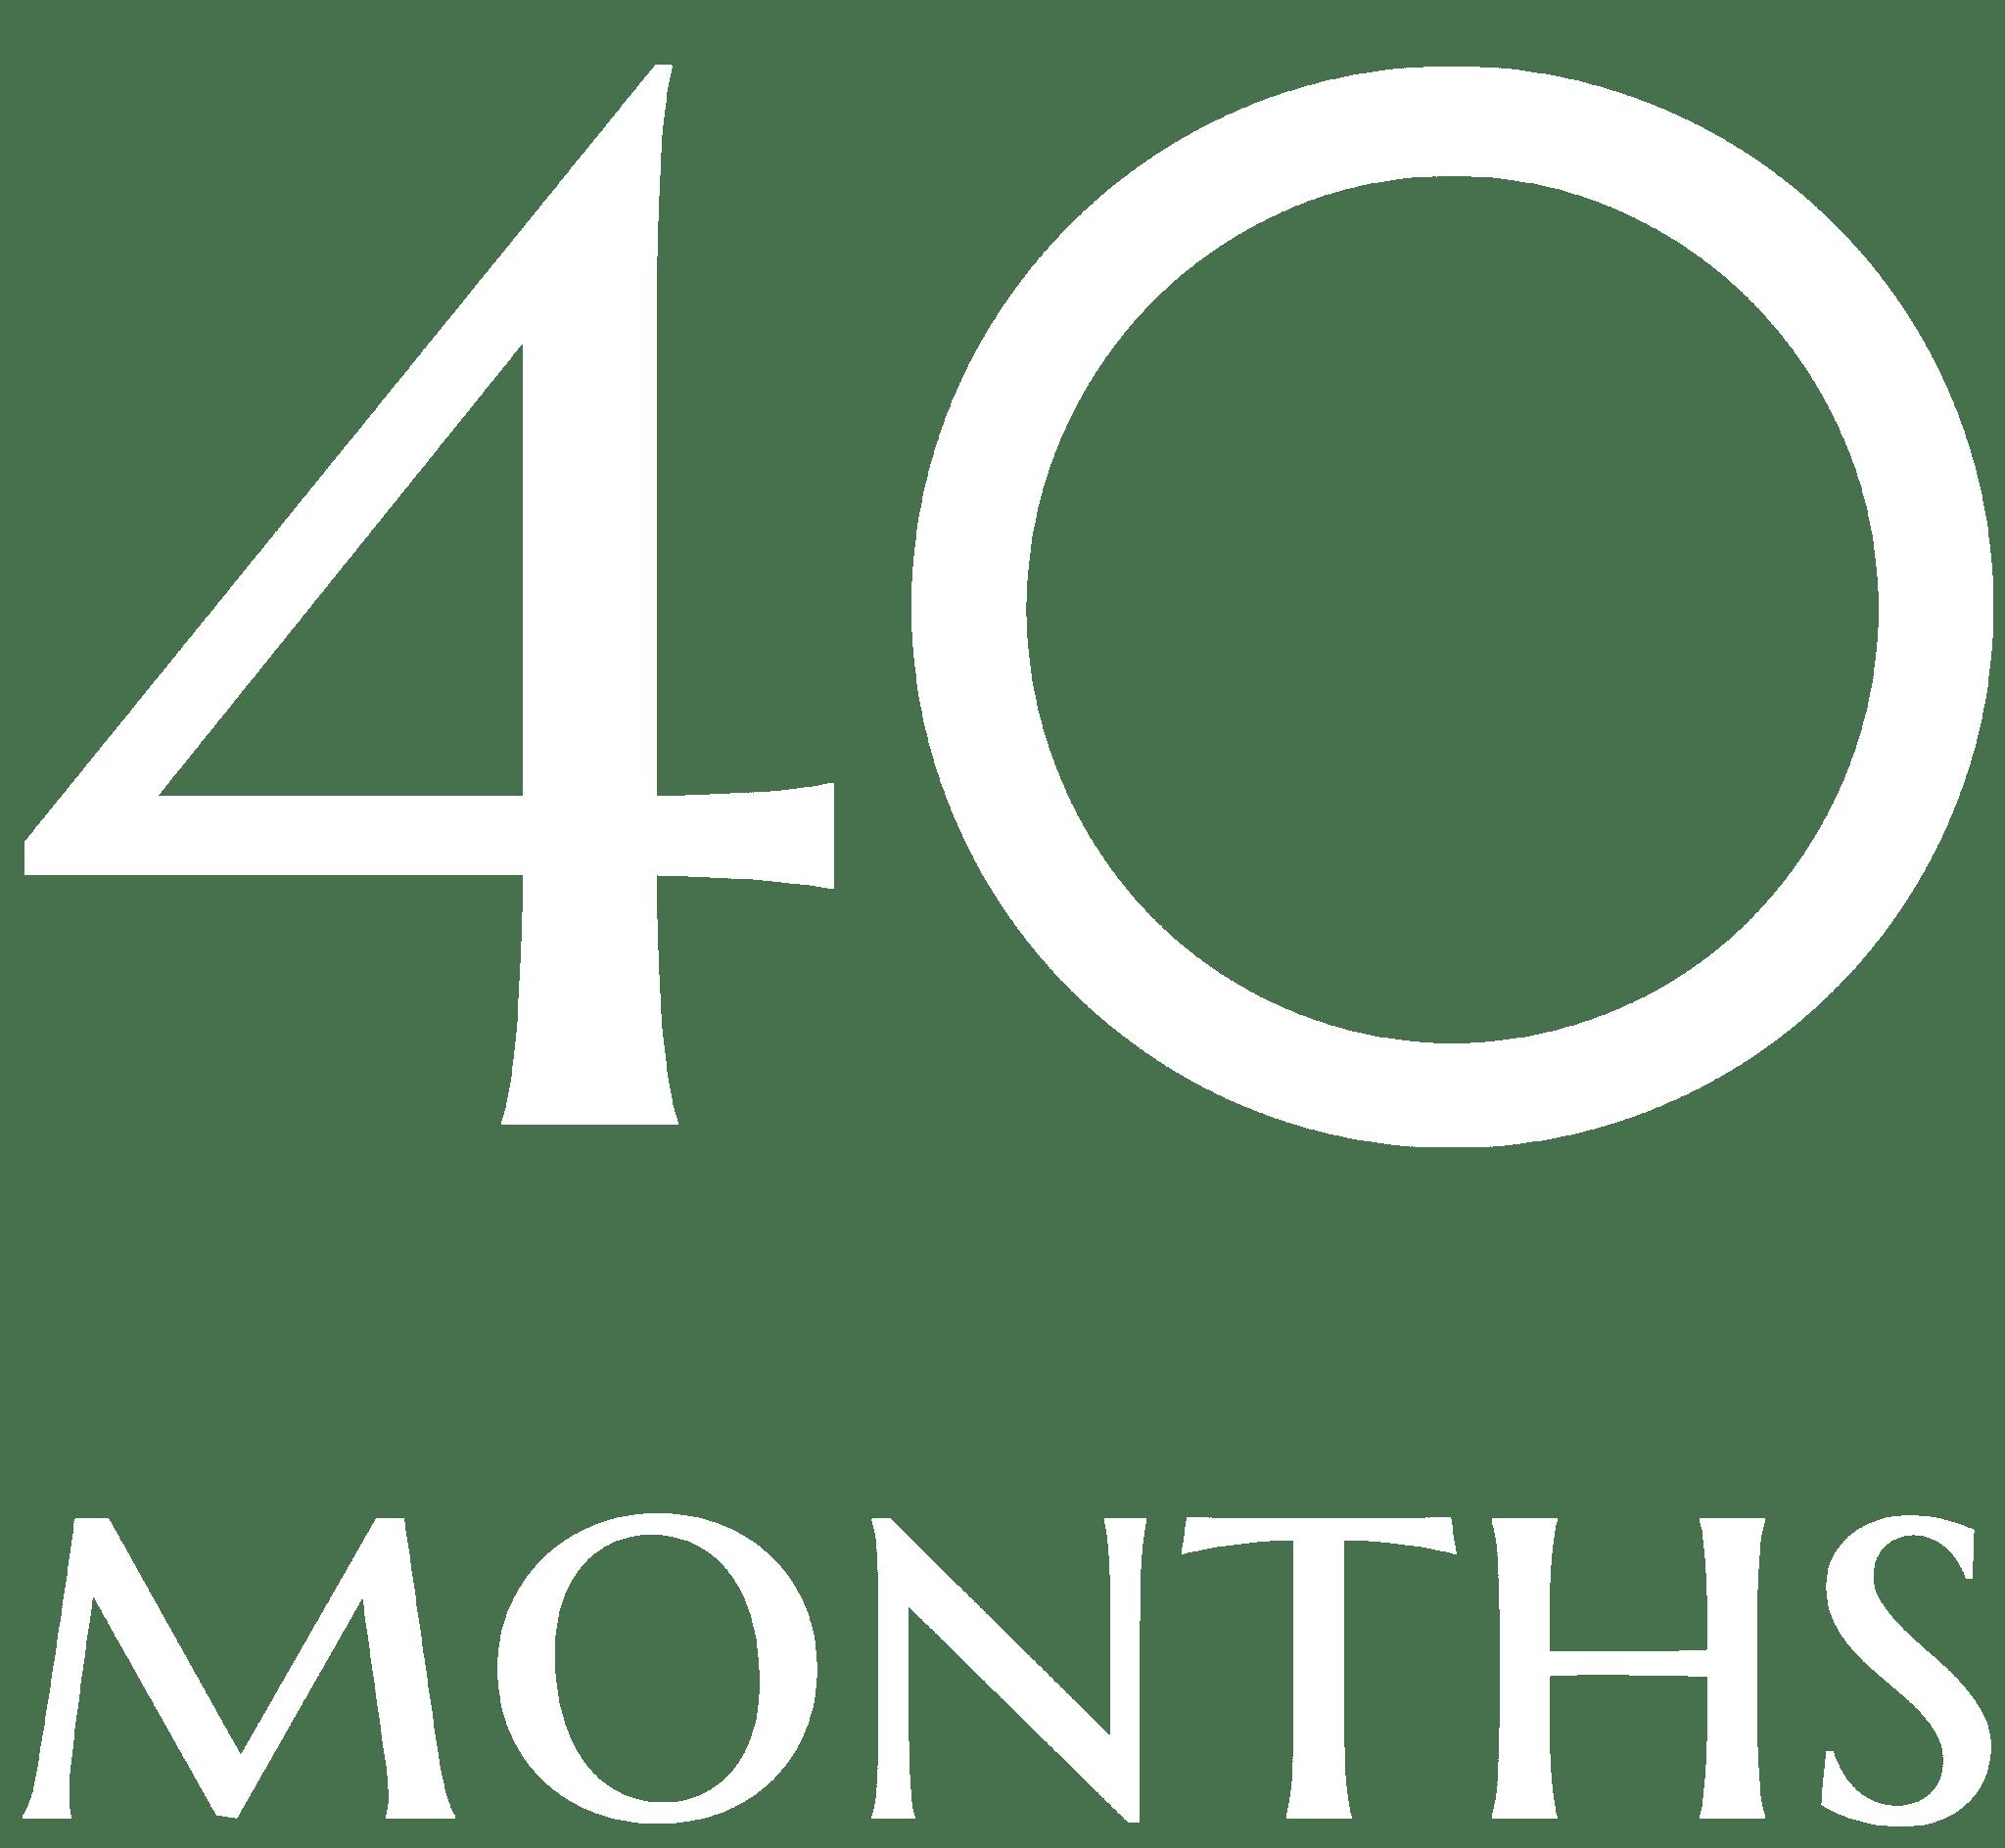 40 Months